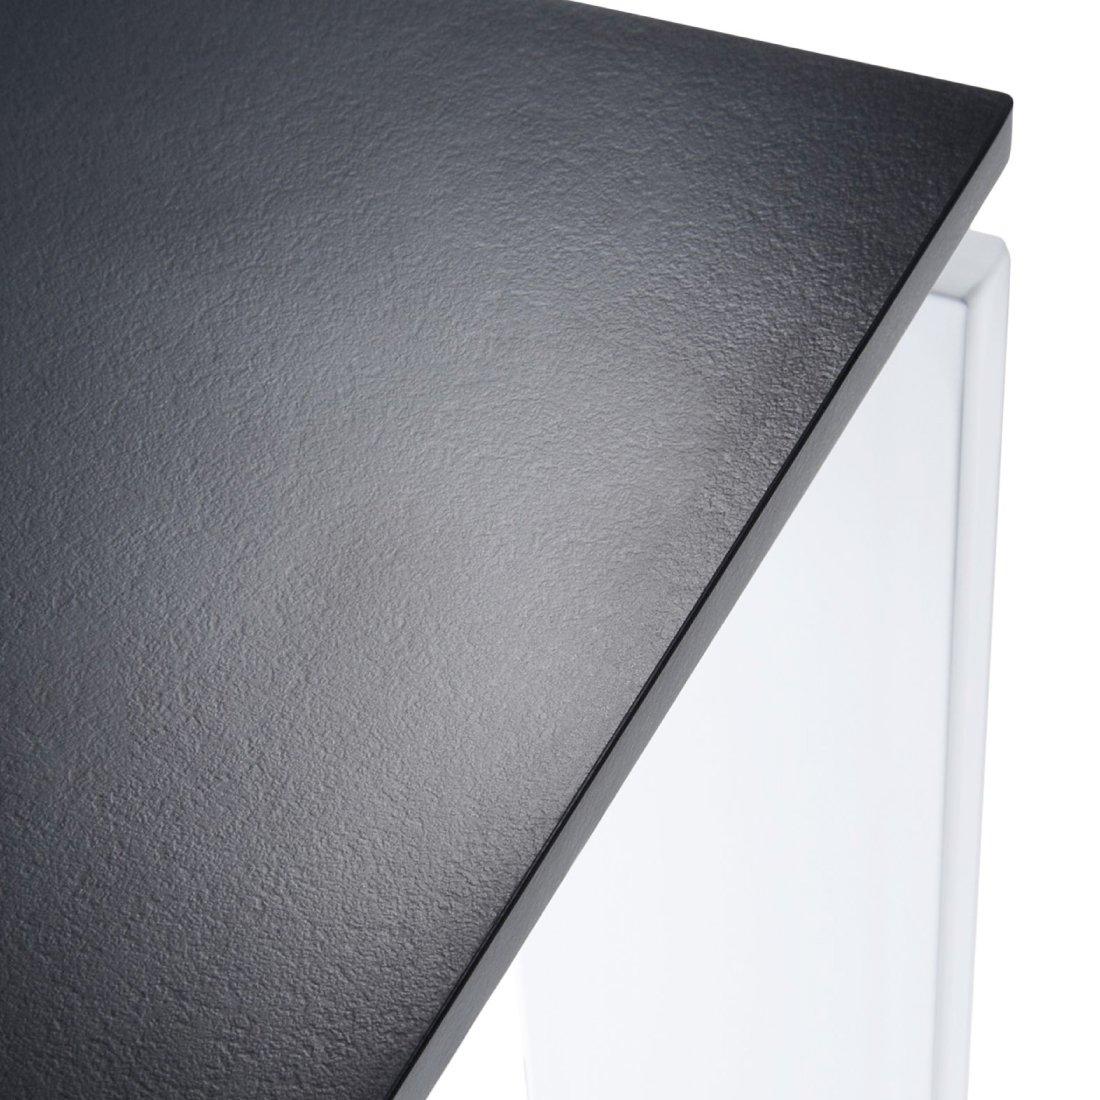 Kartell Four Eettafel 158 x 79 cm - Zwart - Wit